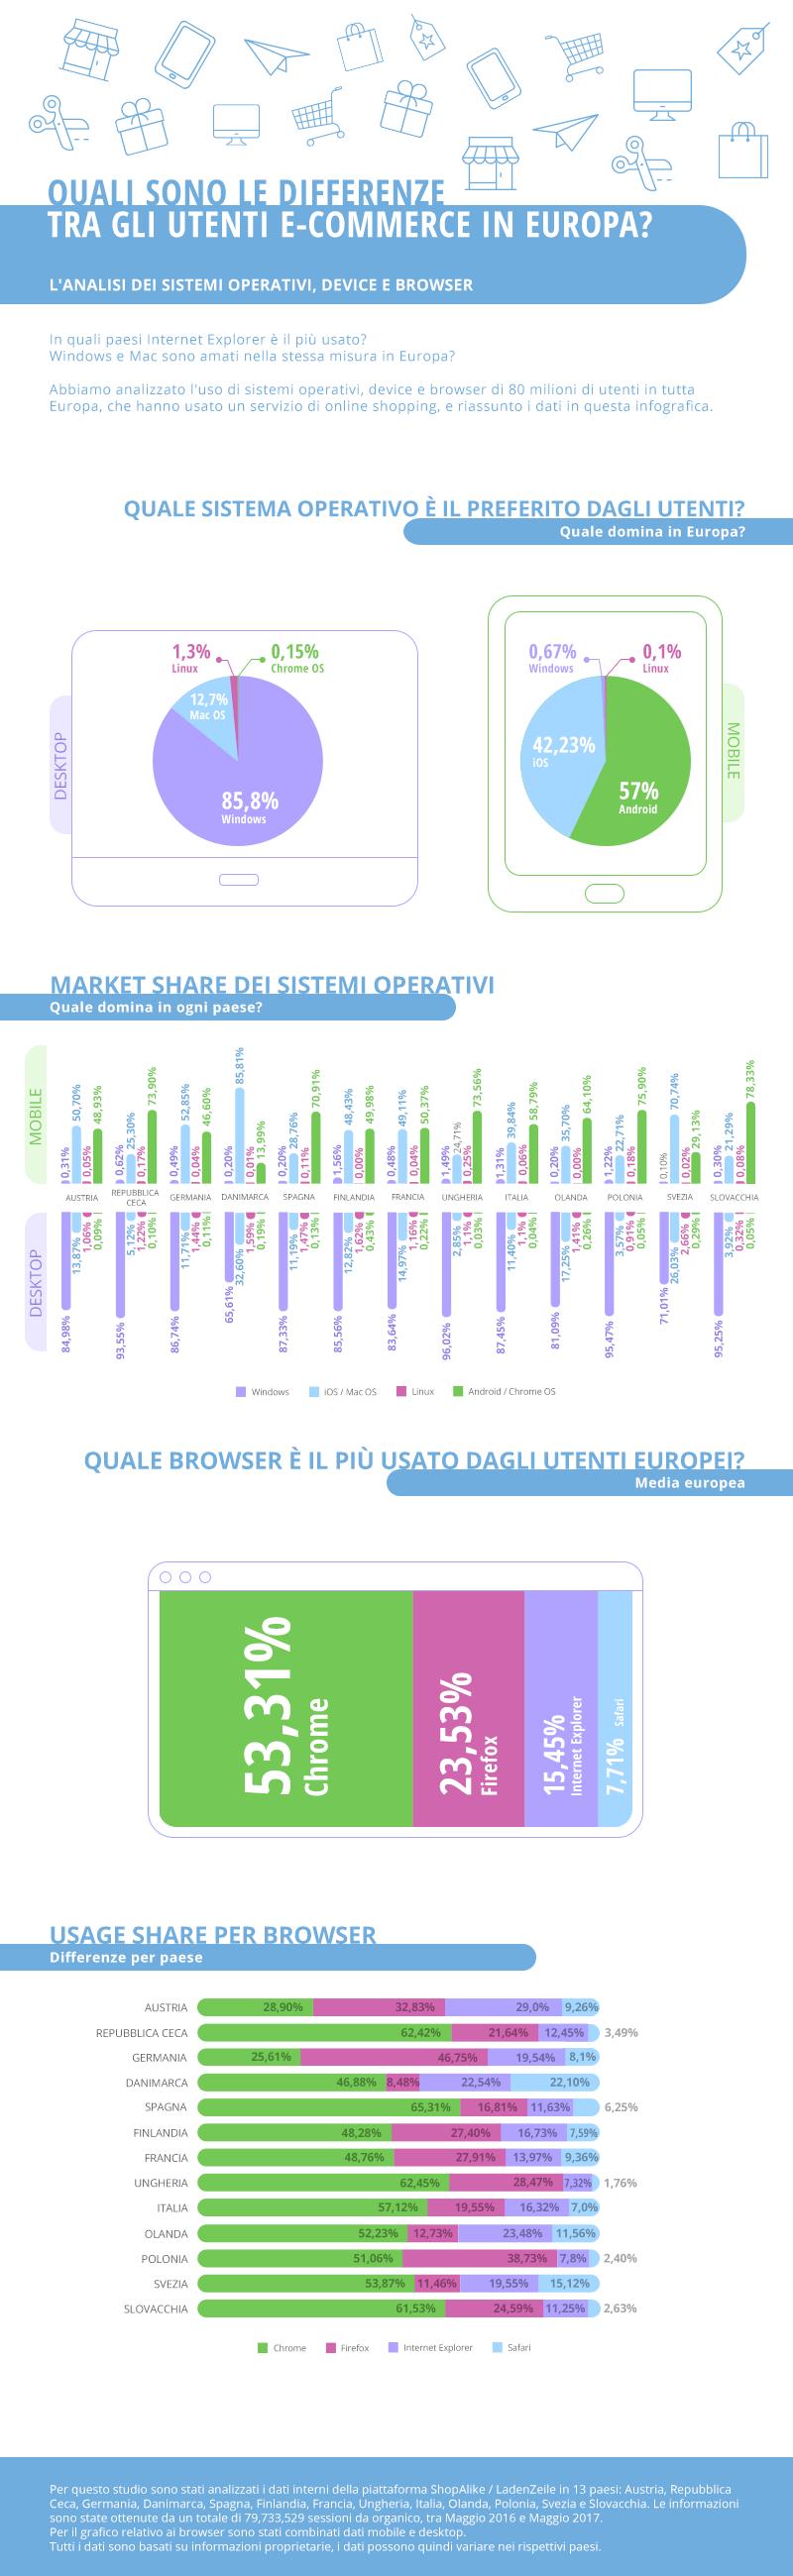 E commerce mobile desktop e browser in europa bitmat for E commerce mobili